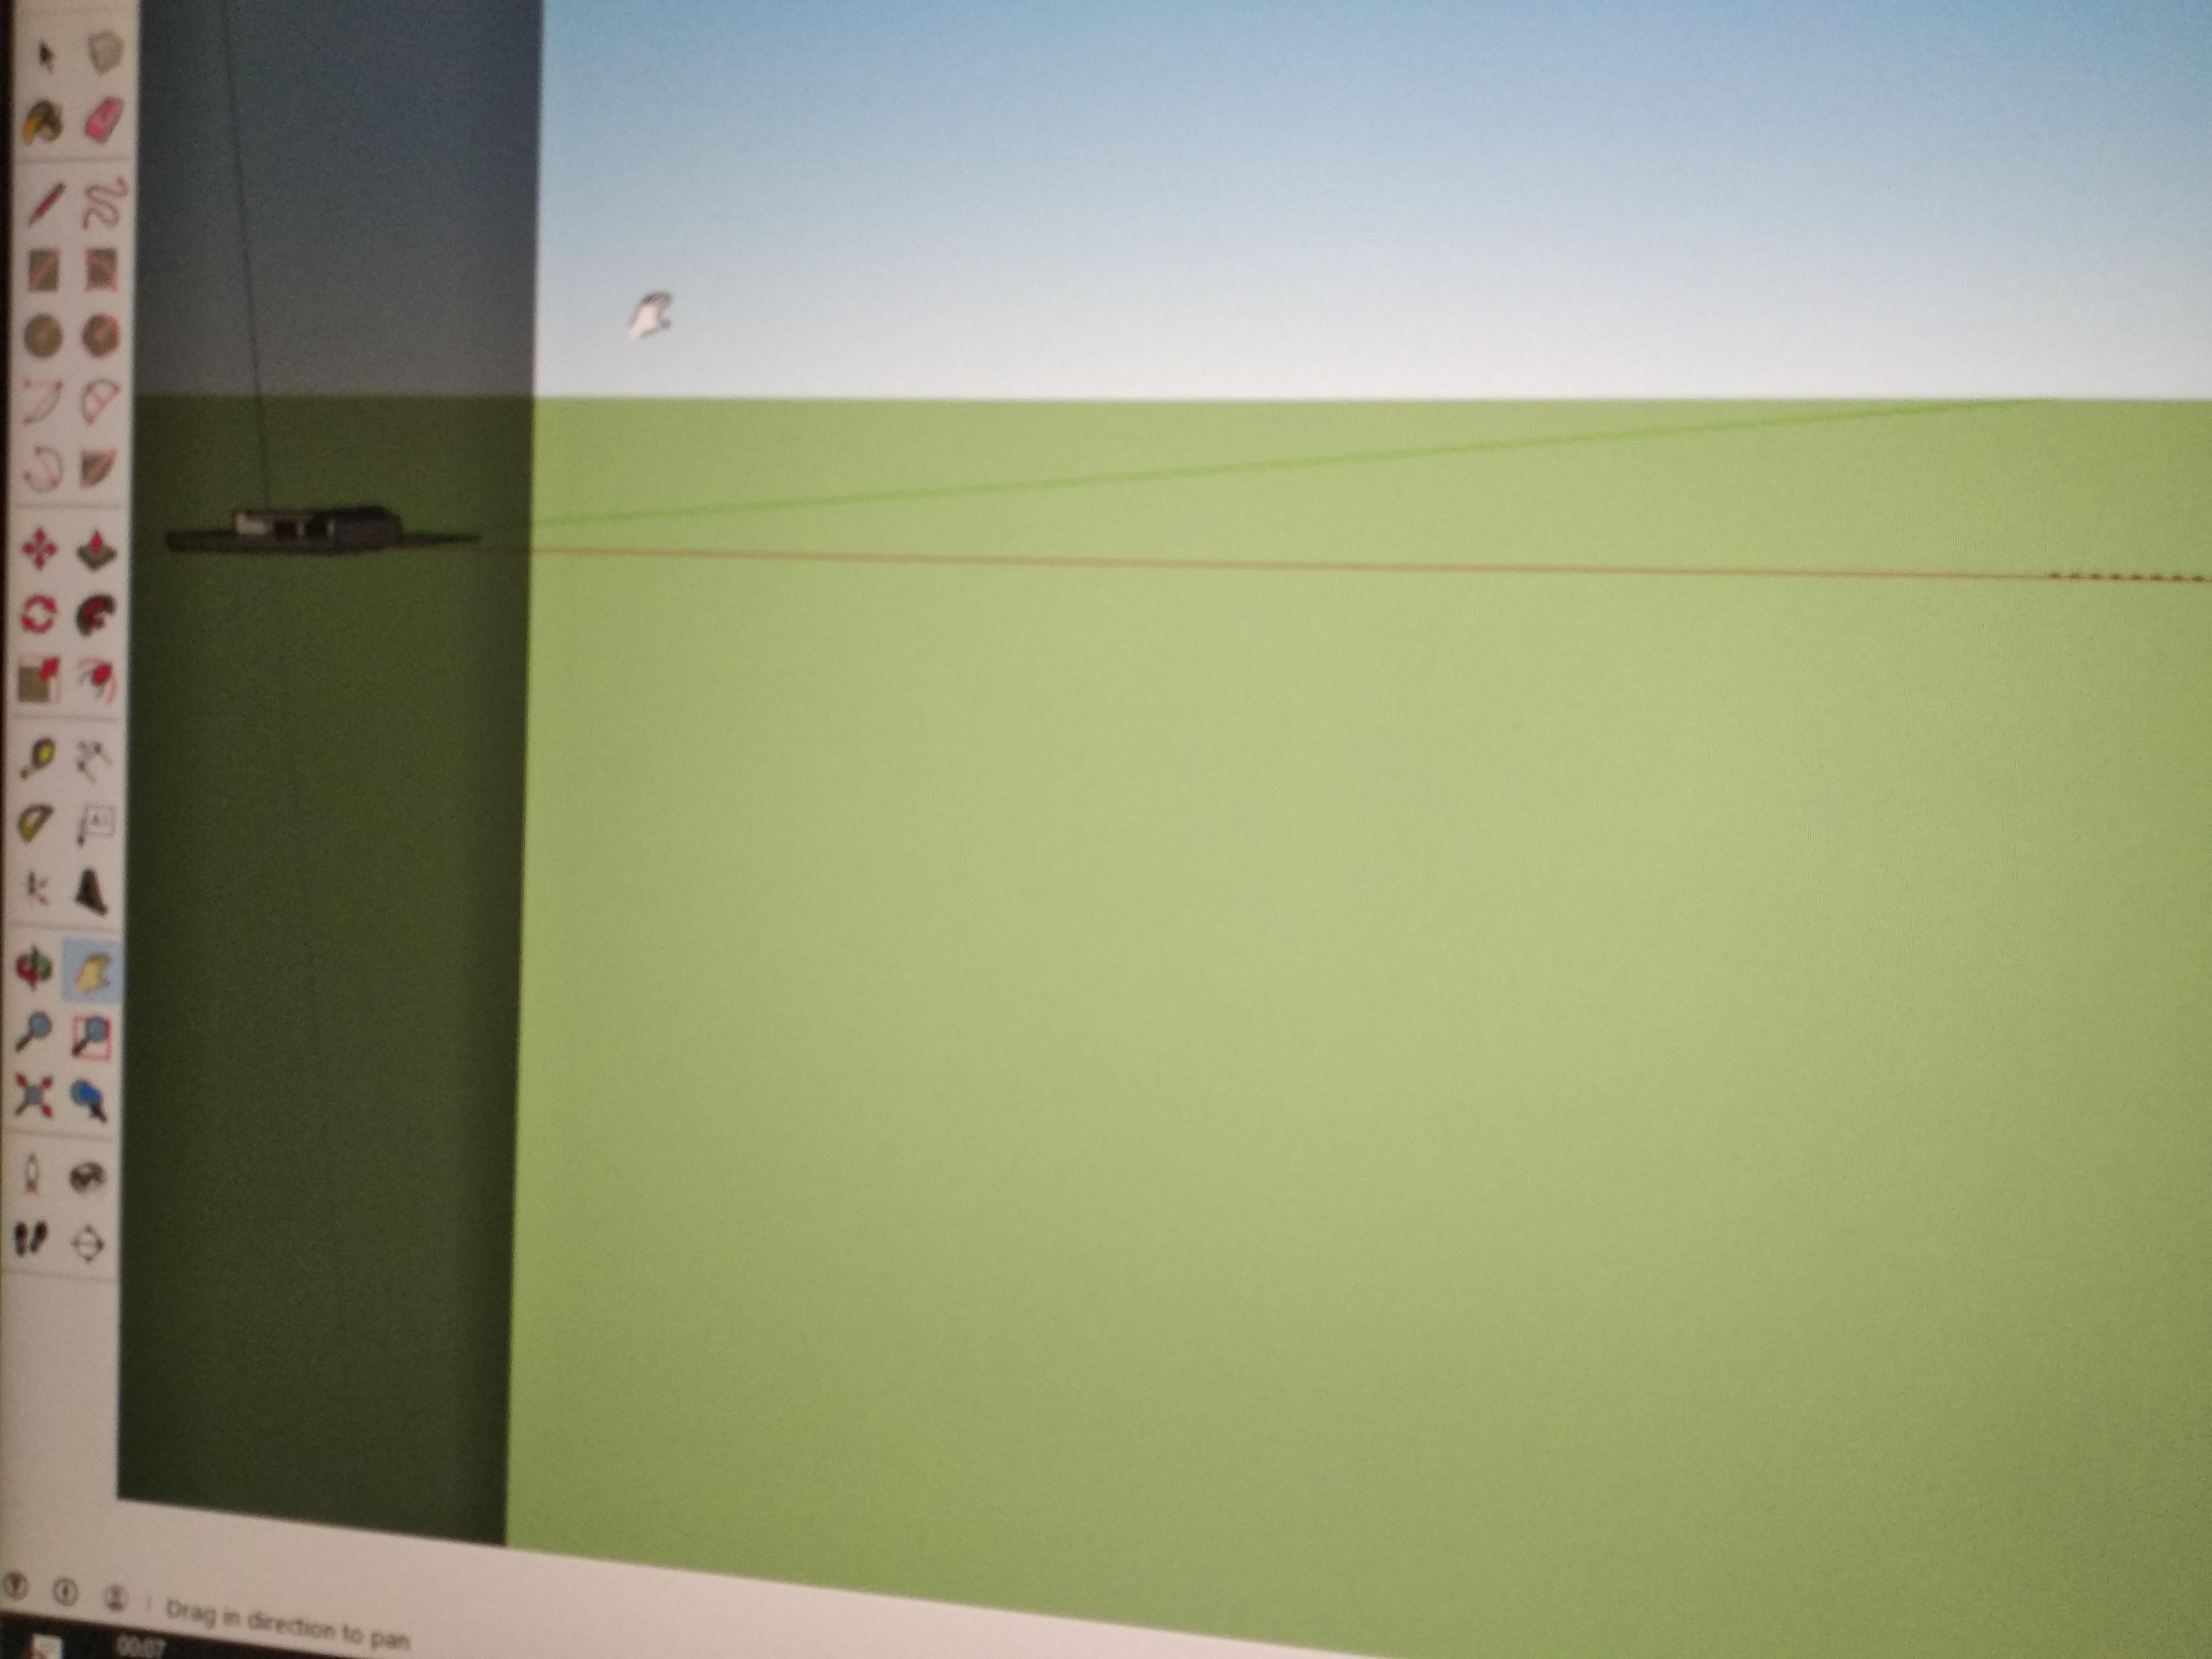 """עזרה  הופיע על צד שמאל של המסך מלבן כהה צר וארוך. מצ""""ב תמונה 3"""